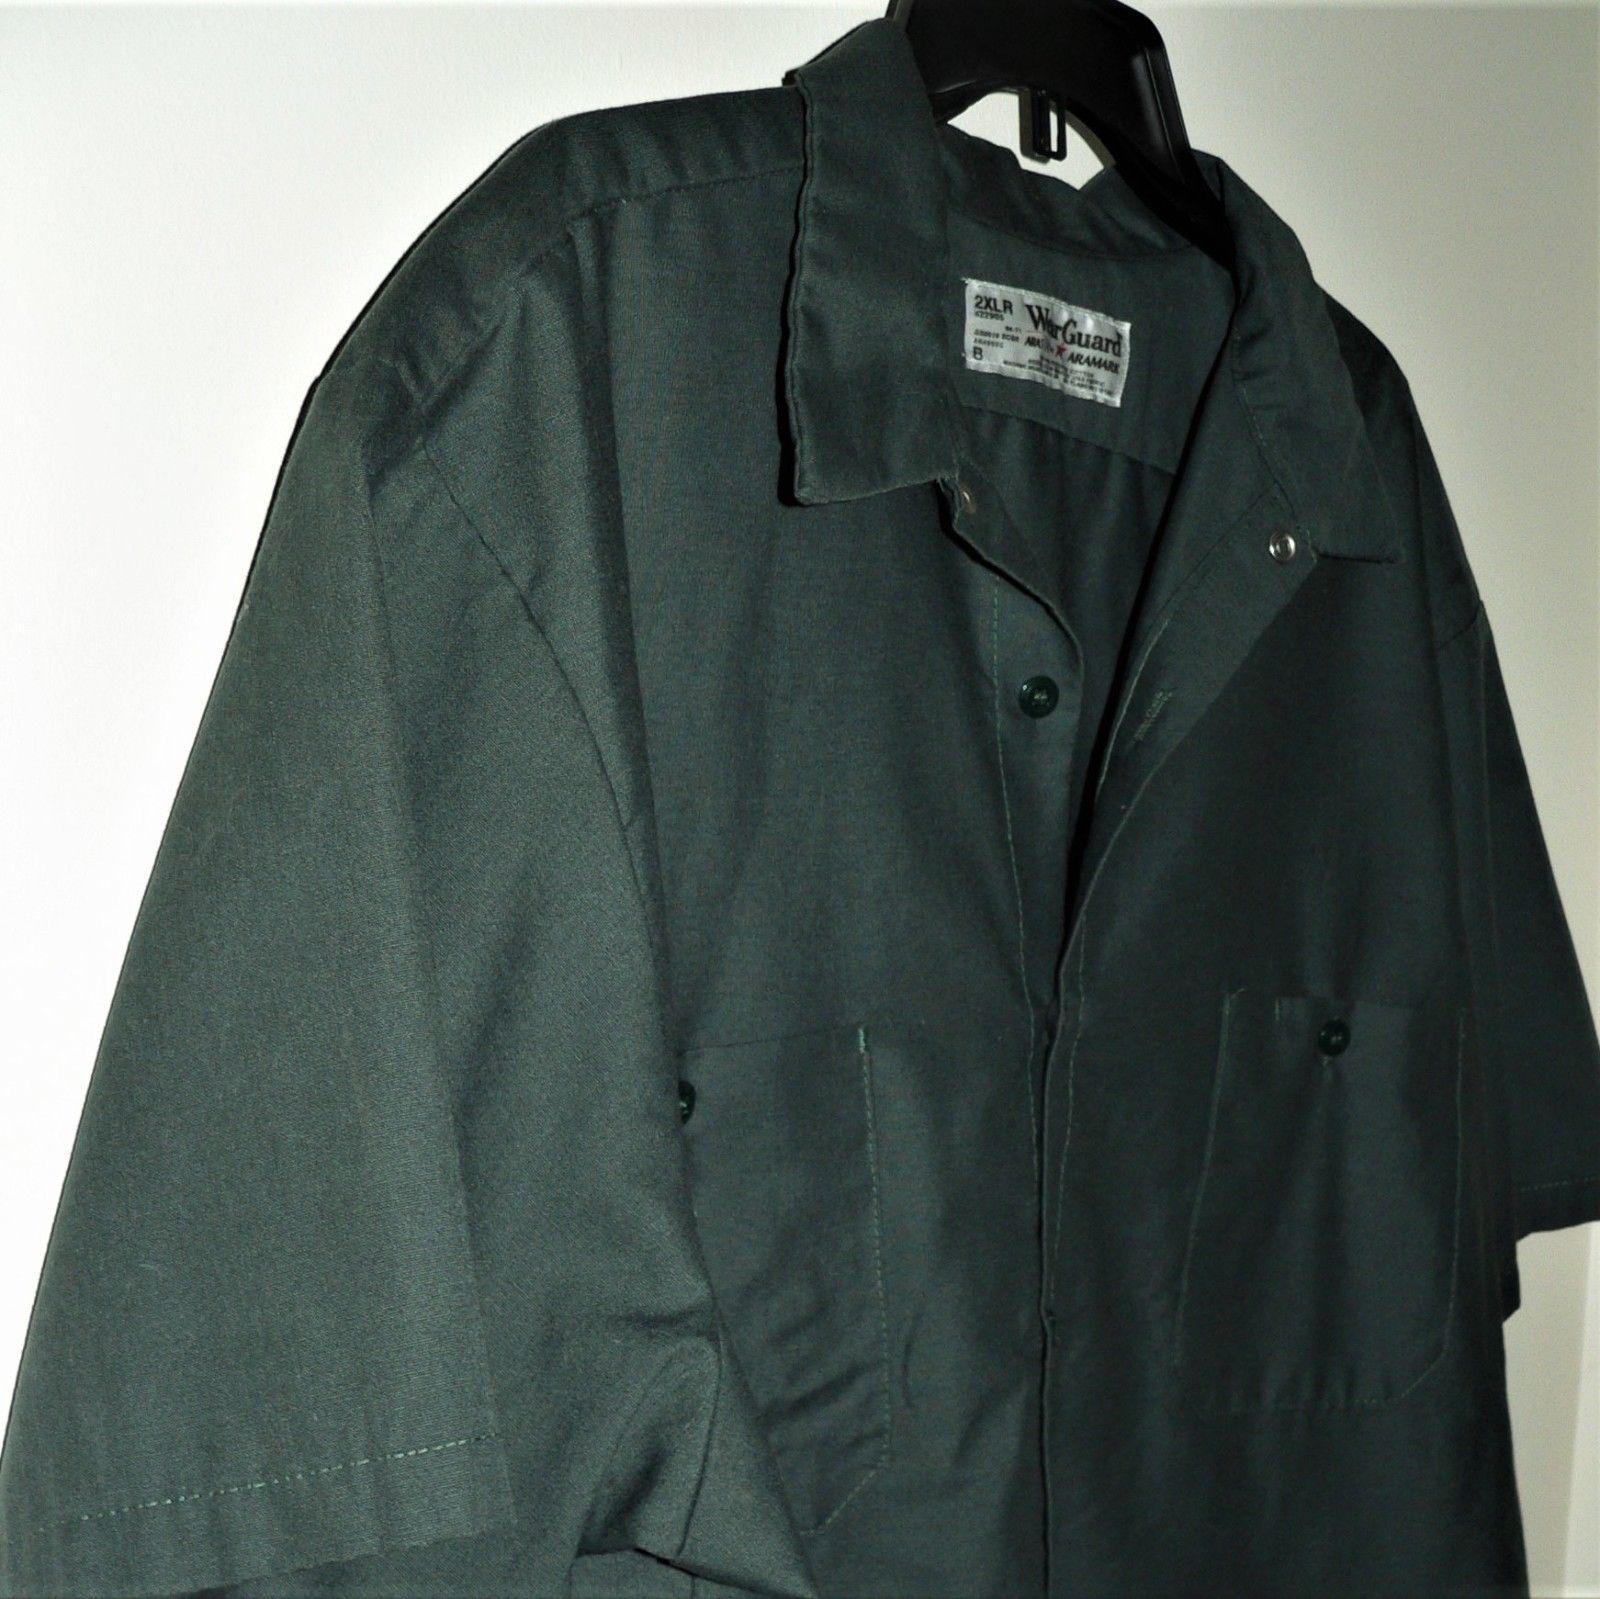 ARAMARK DARK GREEN WORK SHIRT - 2XL - short sleeve GARAGE WORKSHOP